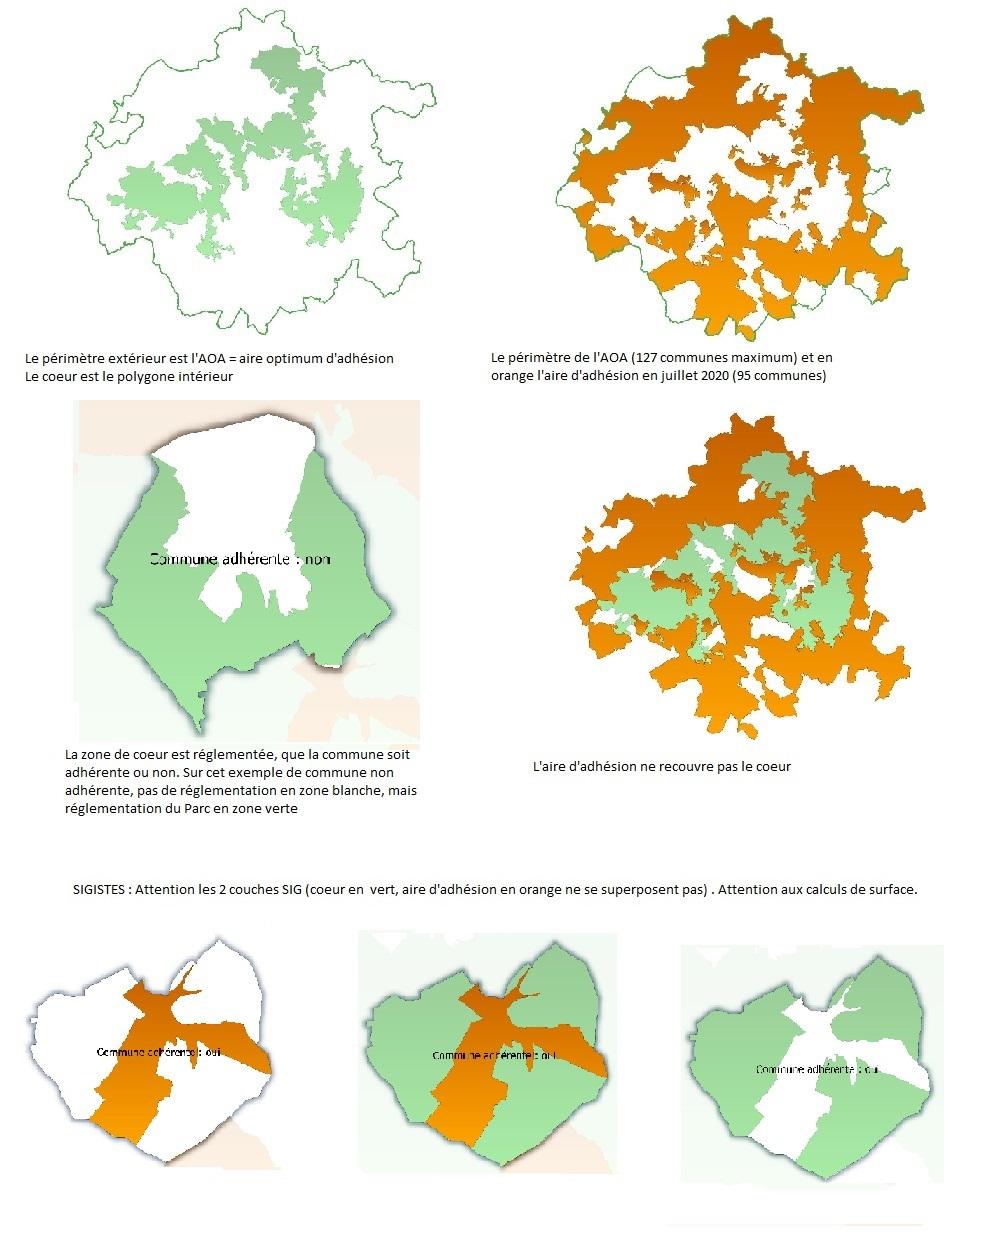 Périmètres détaillés du parc national de forêts